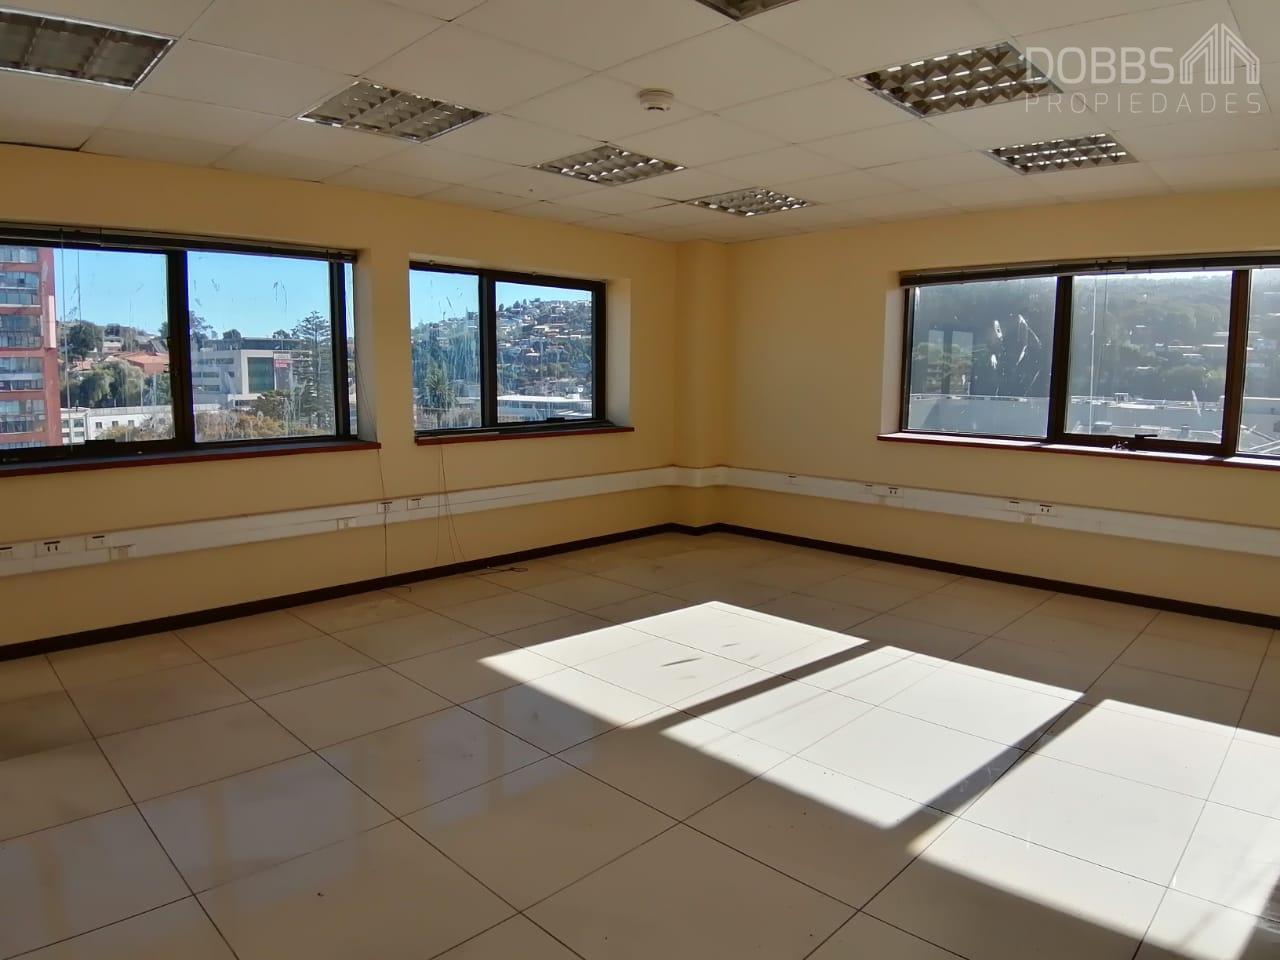 Oficina En Centro De Talcahuano